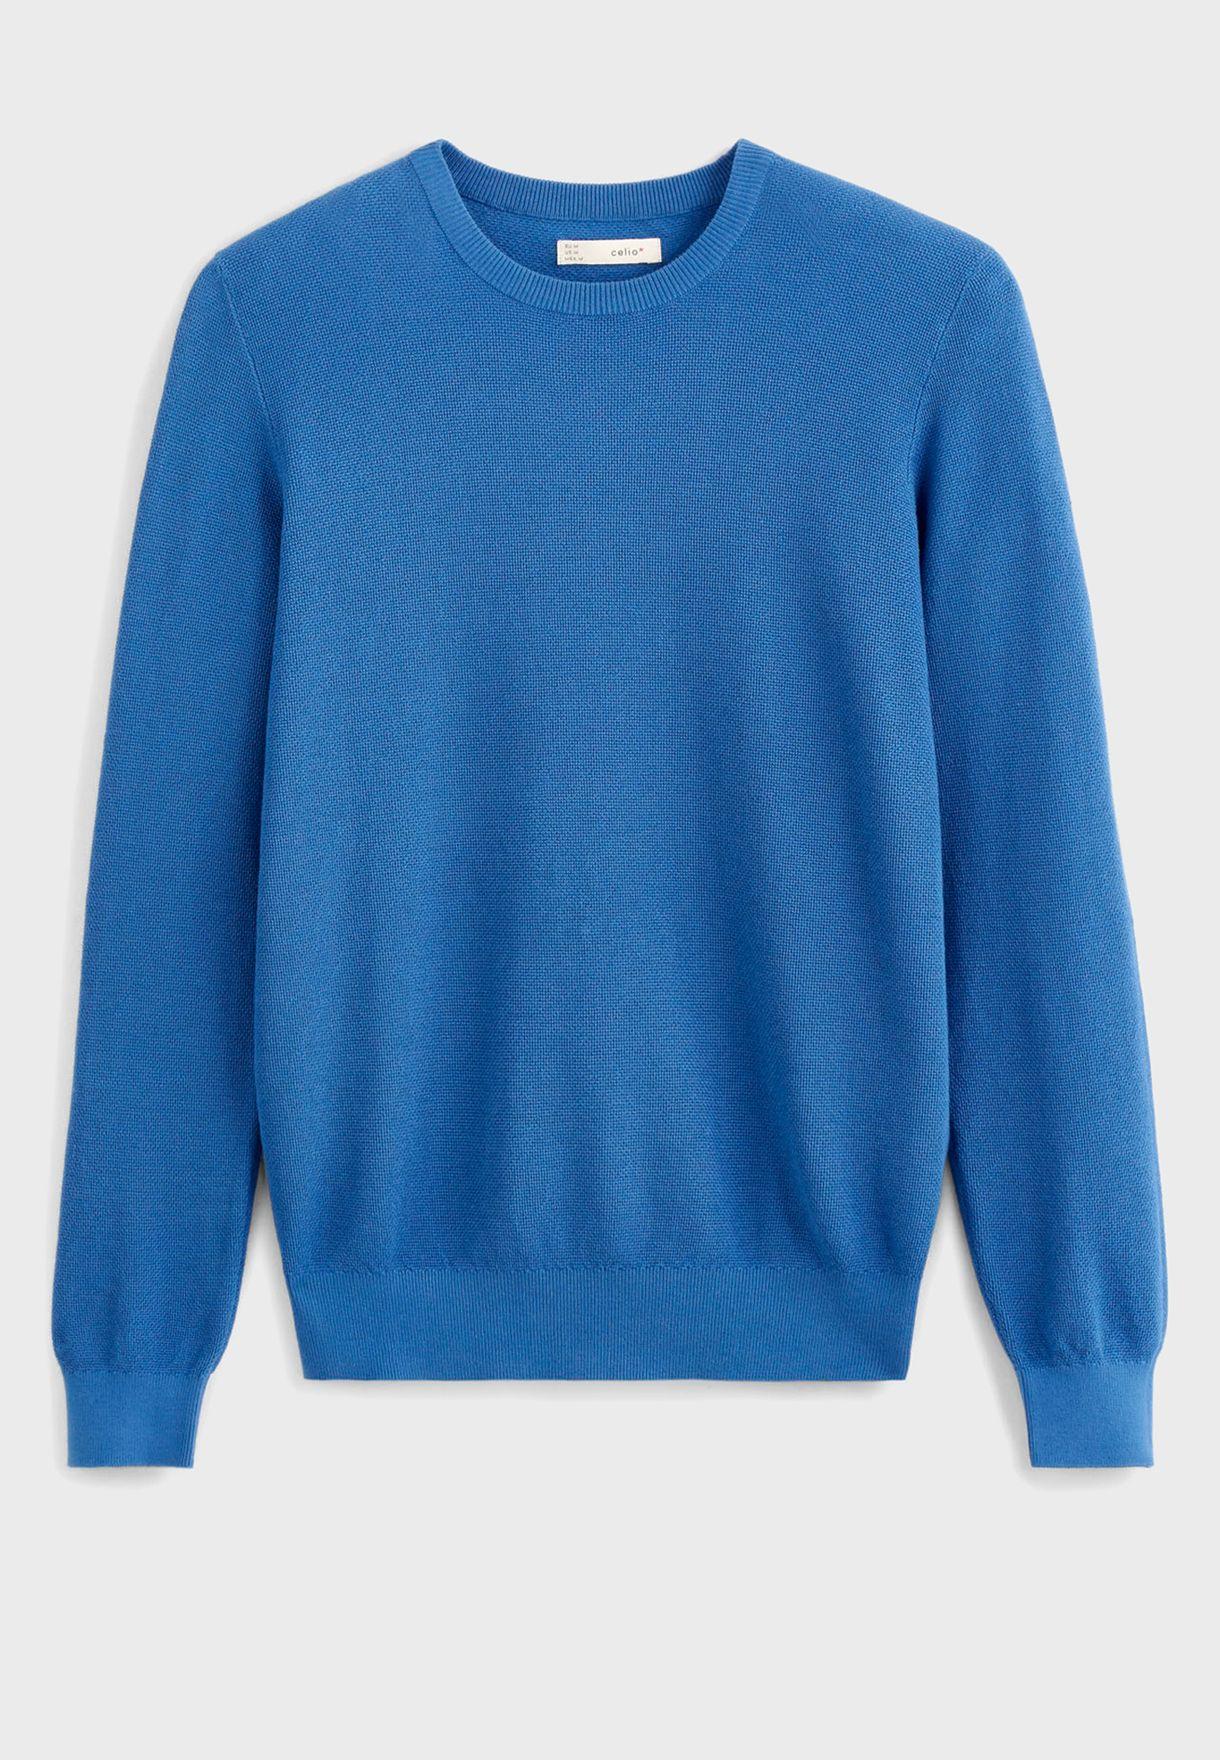 Essential Crew Neck Sweater